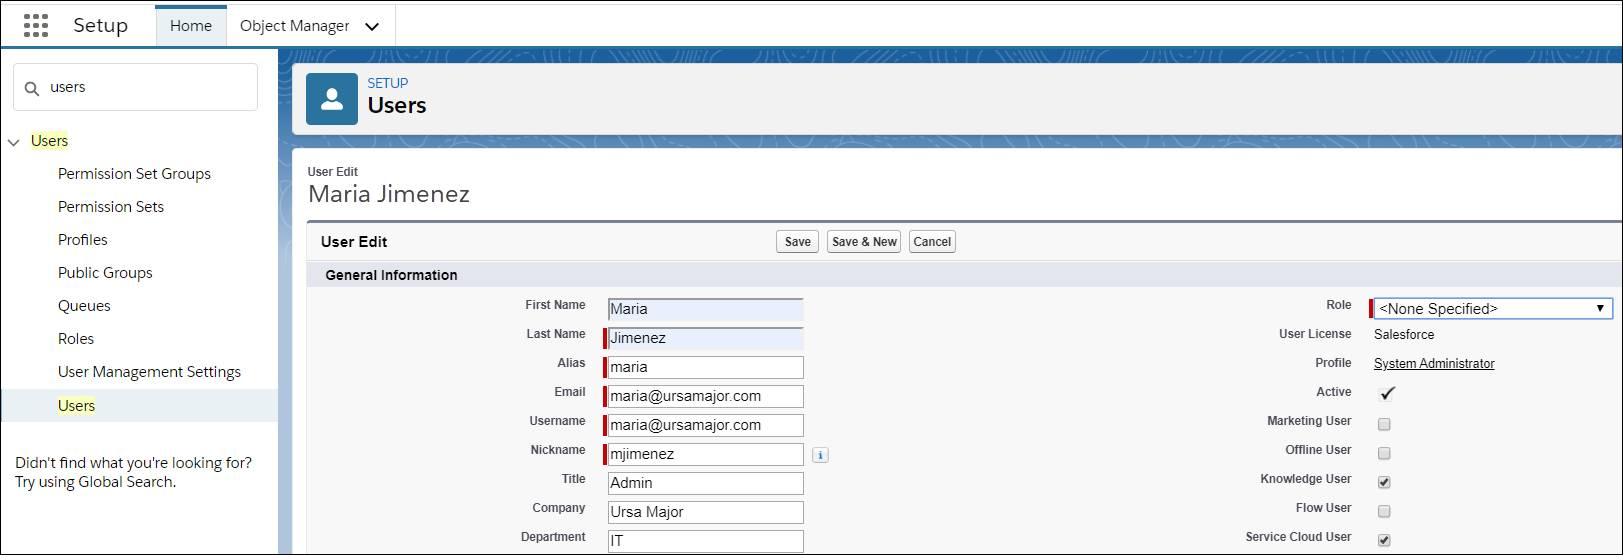 Écran de configuration indiquant les étapes que Maria a suivies pour s'attribuer une licence utilisateur Knowledge